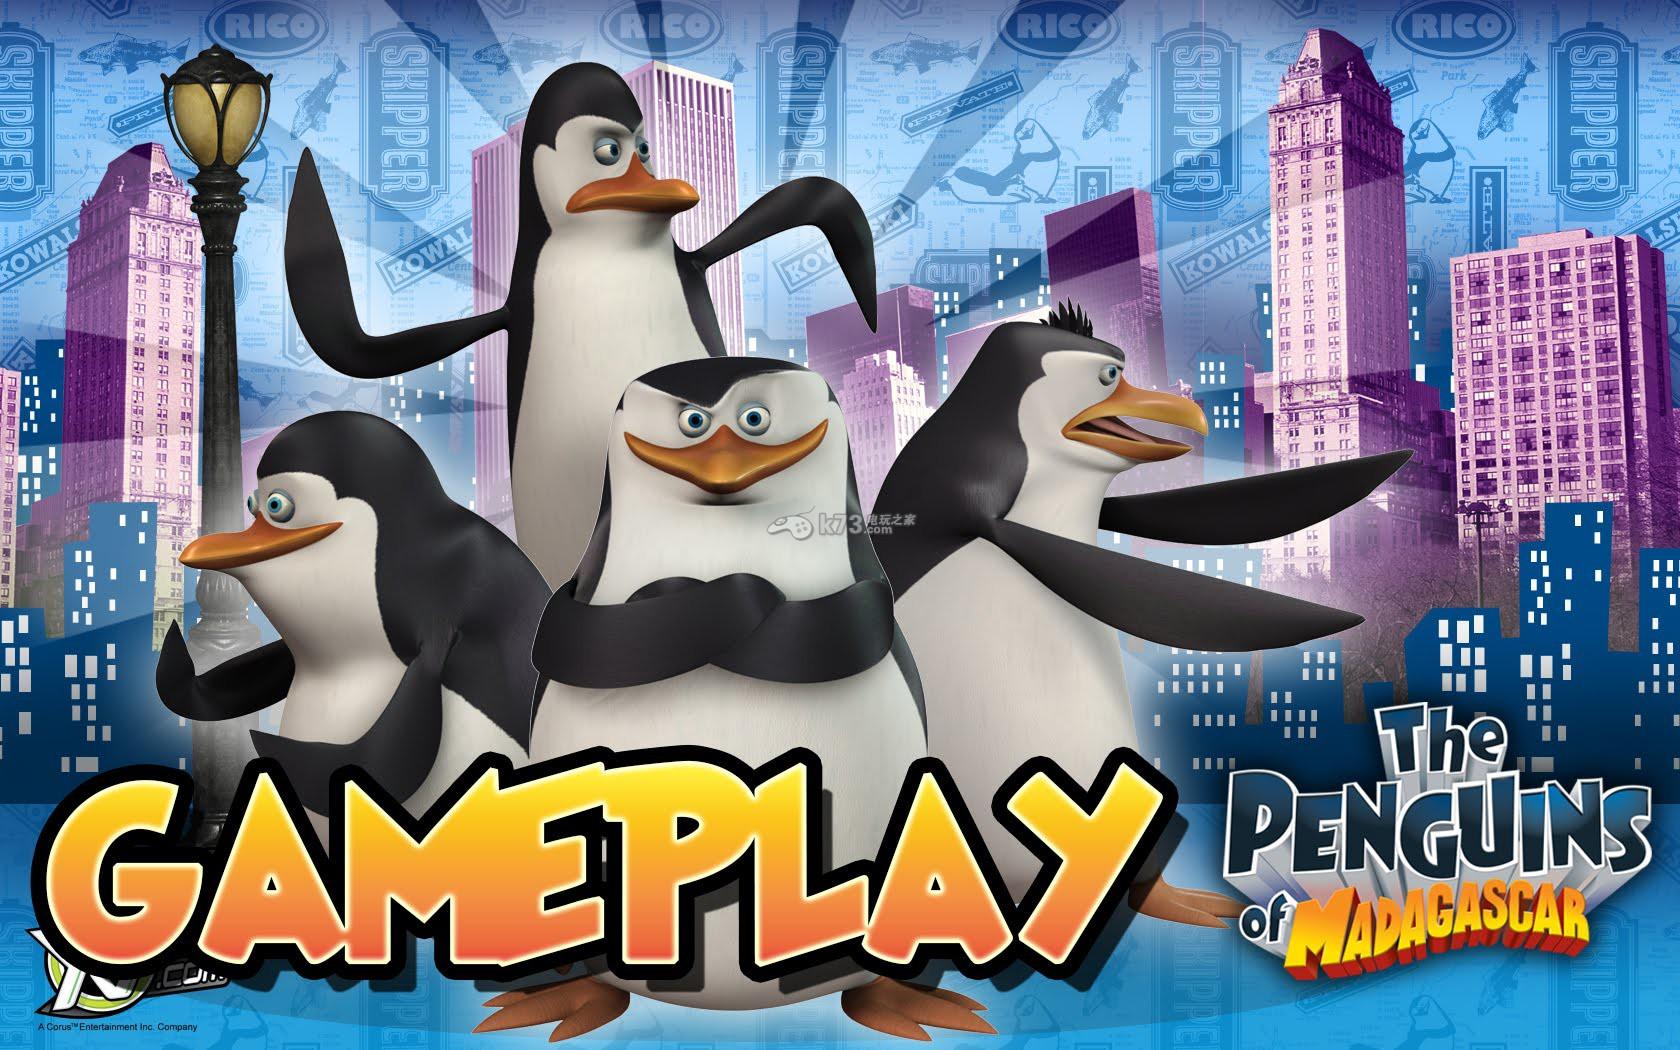 英文名称:The Penguins of Madagascar 游戏语言:英文 开发厂商:Little Orbit 发行厂商:Little Orbit 发售日期:2014-11-28 游戏类型:动作类 游戏中玩家可以使用各种不同的企鹅进行任务,不同的企鹅的能力不同,只有熟练运用各企鹅的能力加以配合才能打败对手。